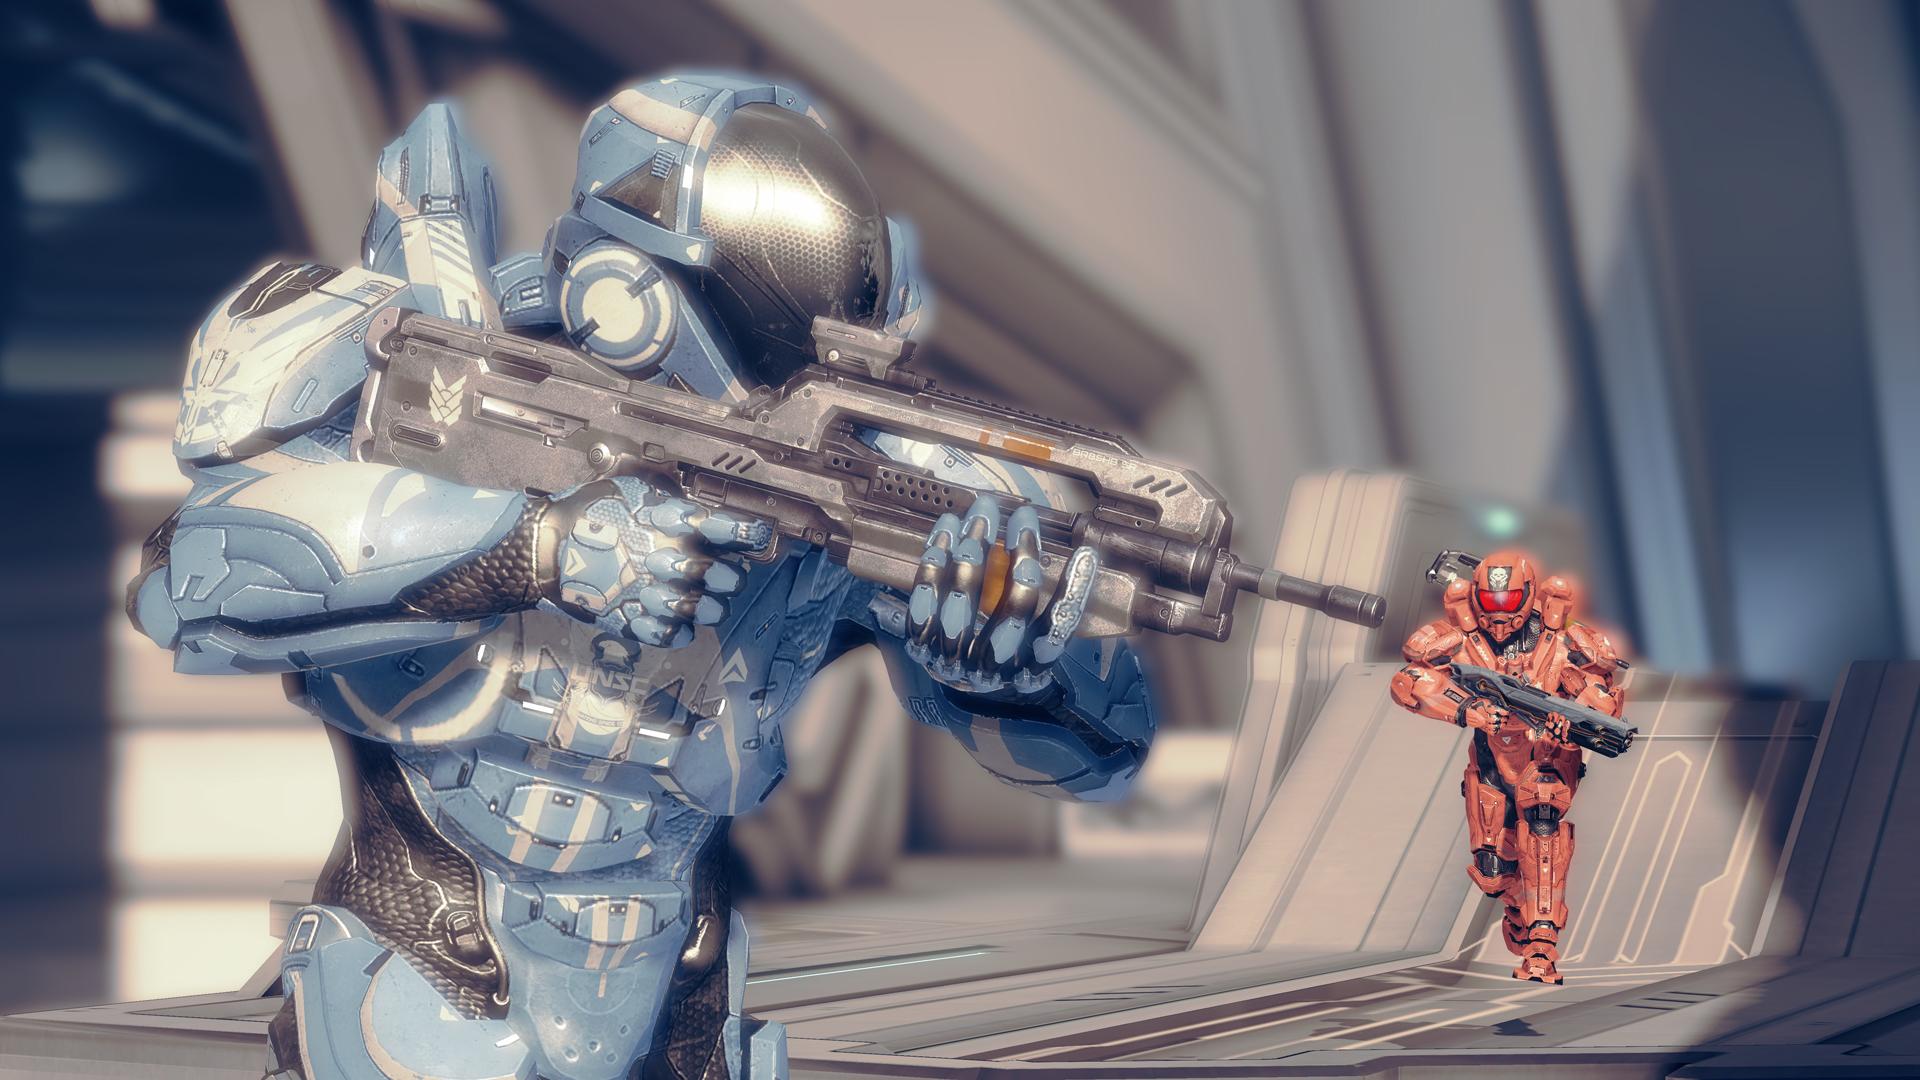 Halo 3 matchmaking dag 2013 beste dating site in Nieuw-Zeeland